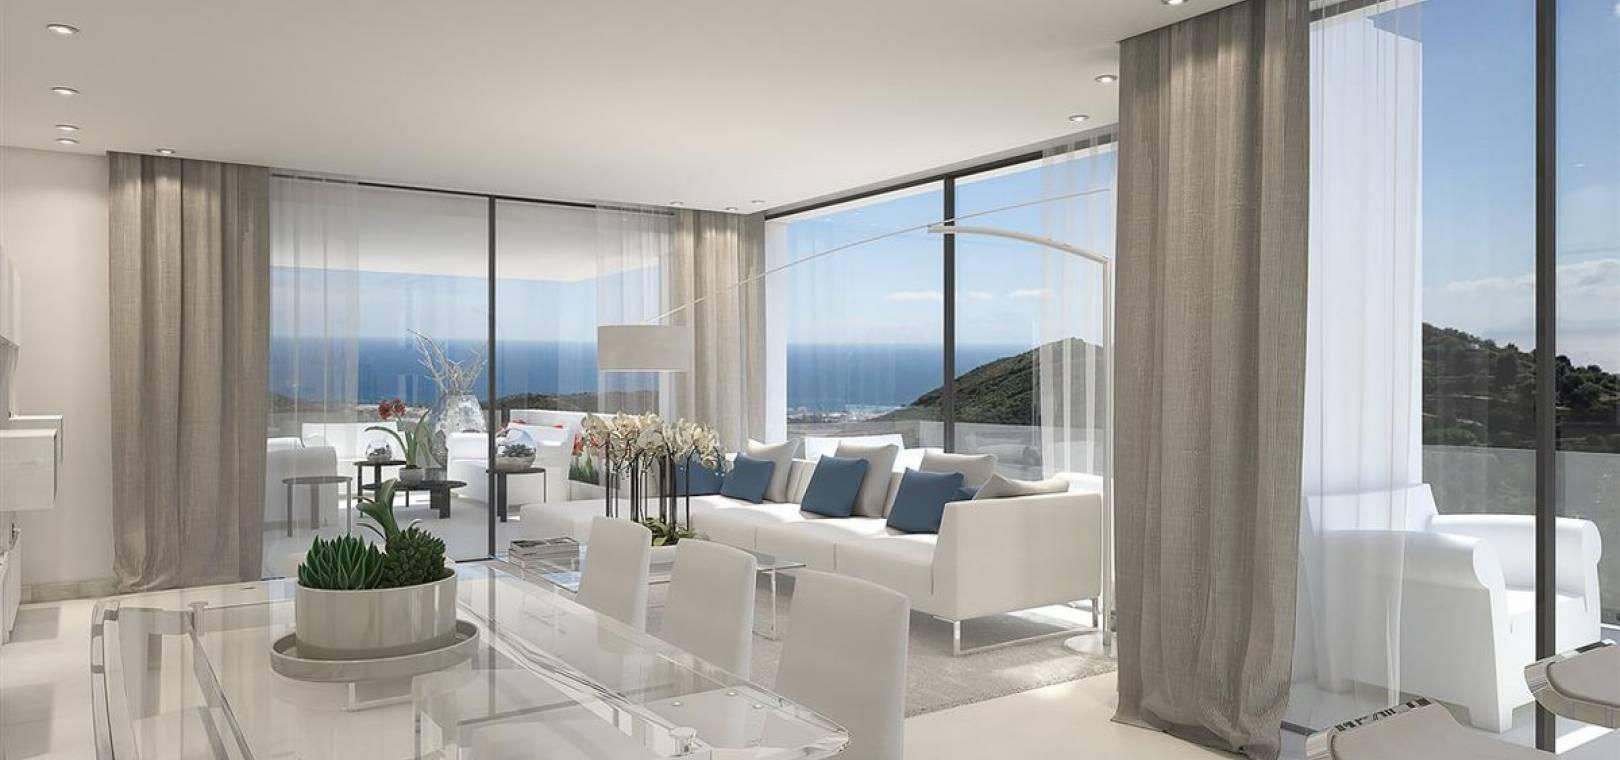 Nieuw gebouw - Appartement - Marbella